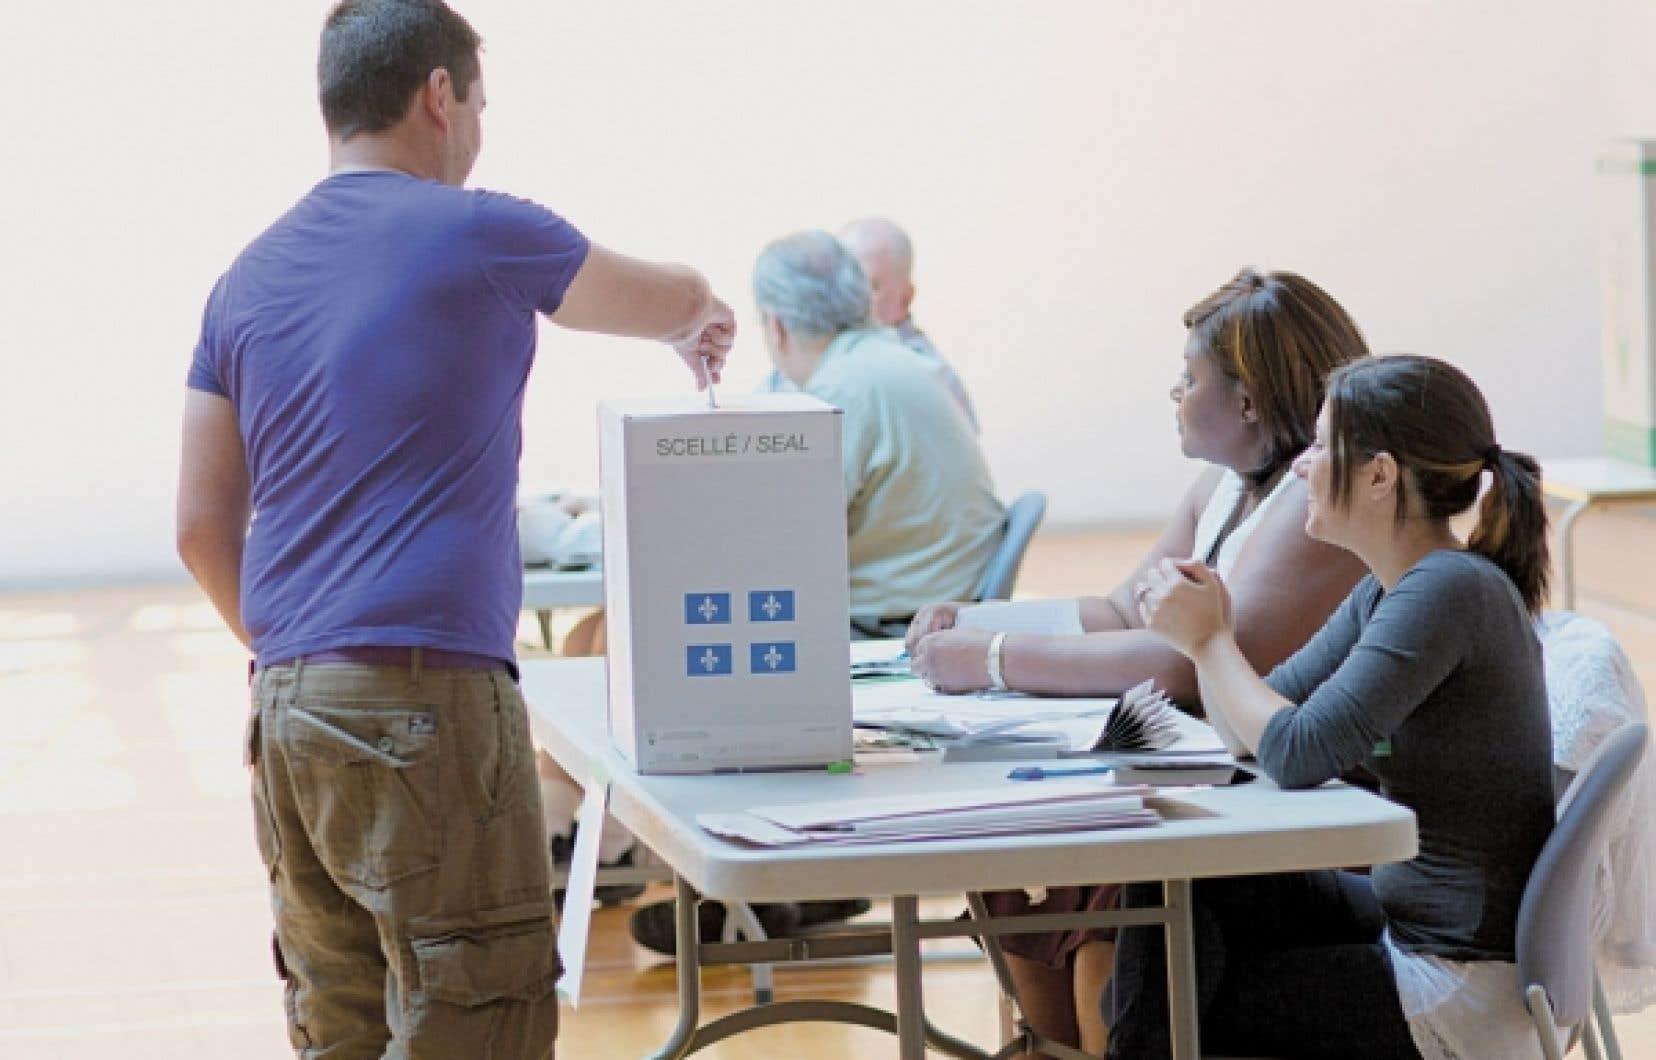 Le vote prétendument « stratégique » peut paradoxalement favoriser politiquement les idées de la gauche, écrit le professeur Seymour.